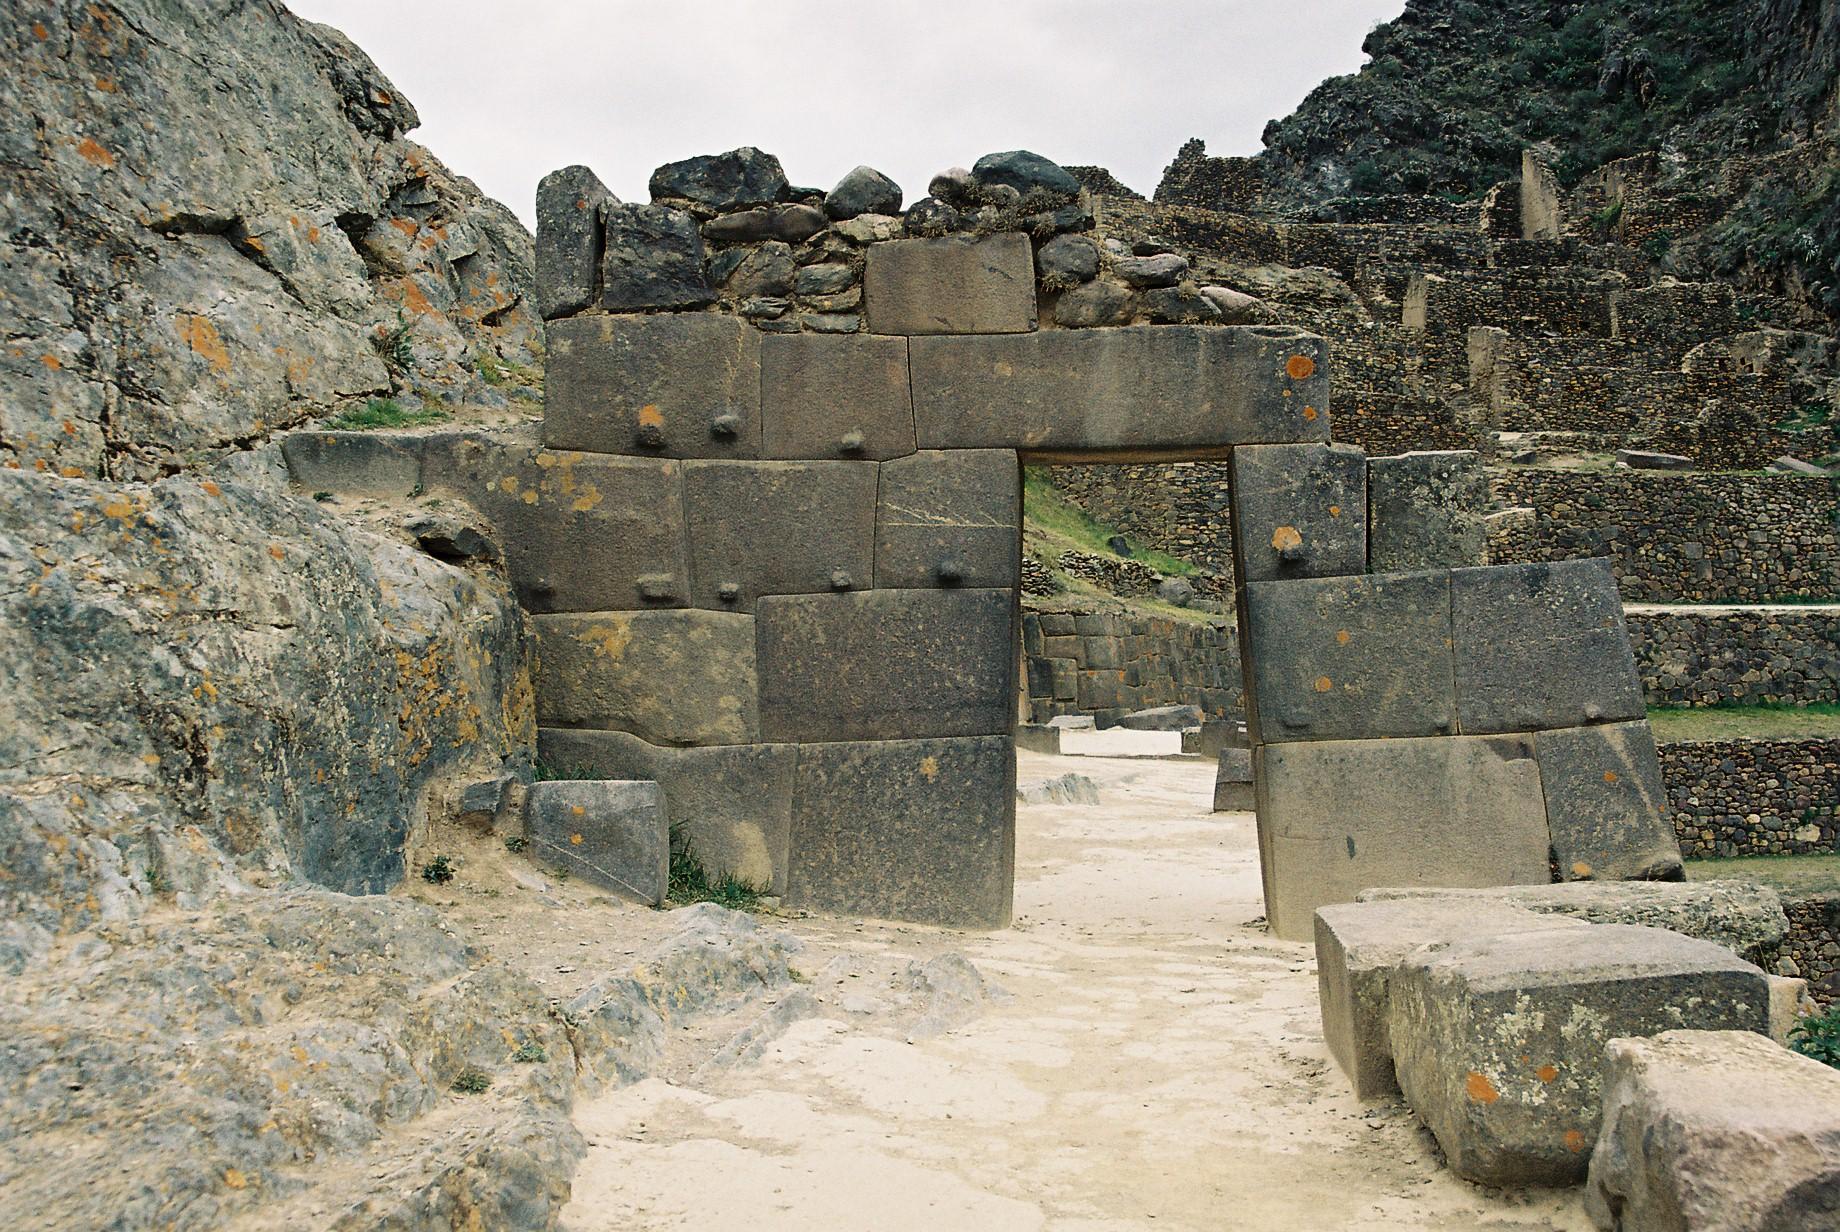 Achaman gua oc arquitectura megal tica en sacsayhuam n for Arquitectura quechua